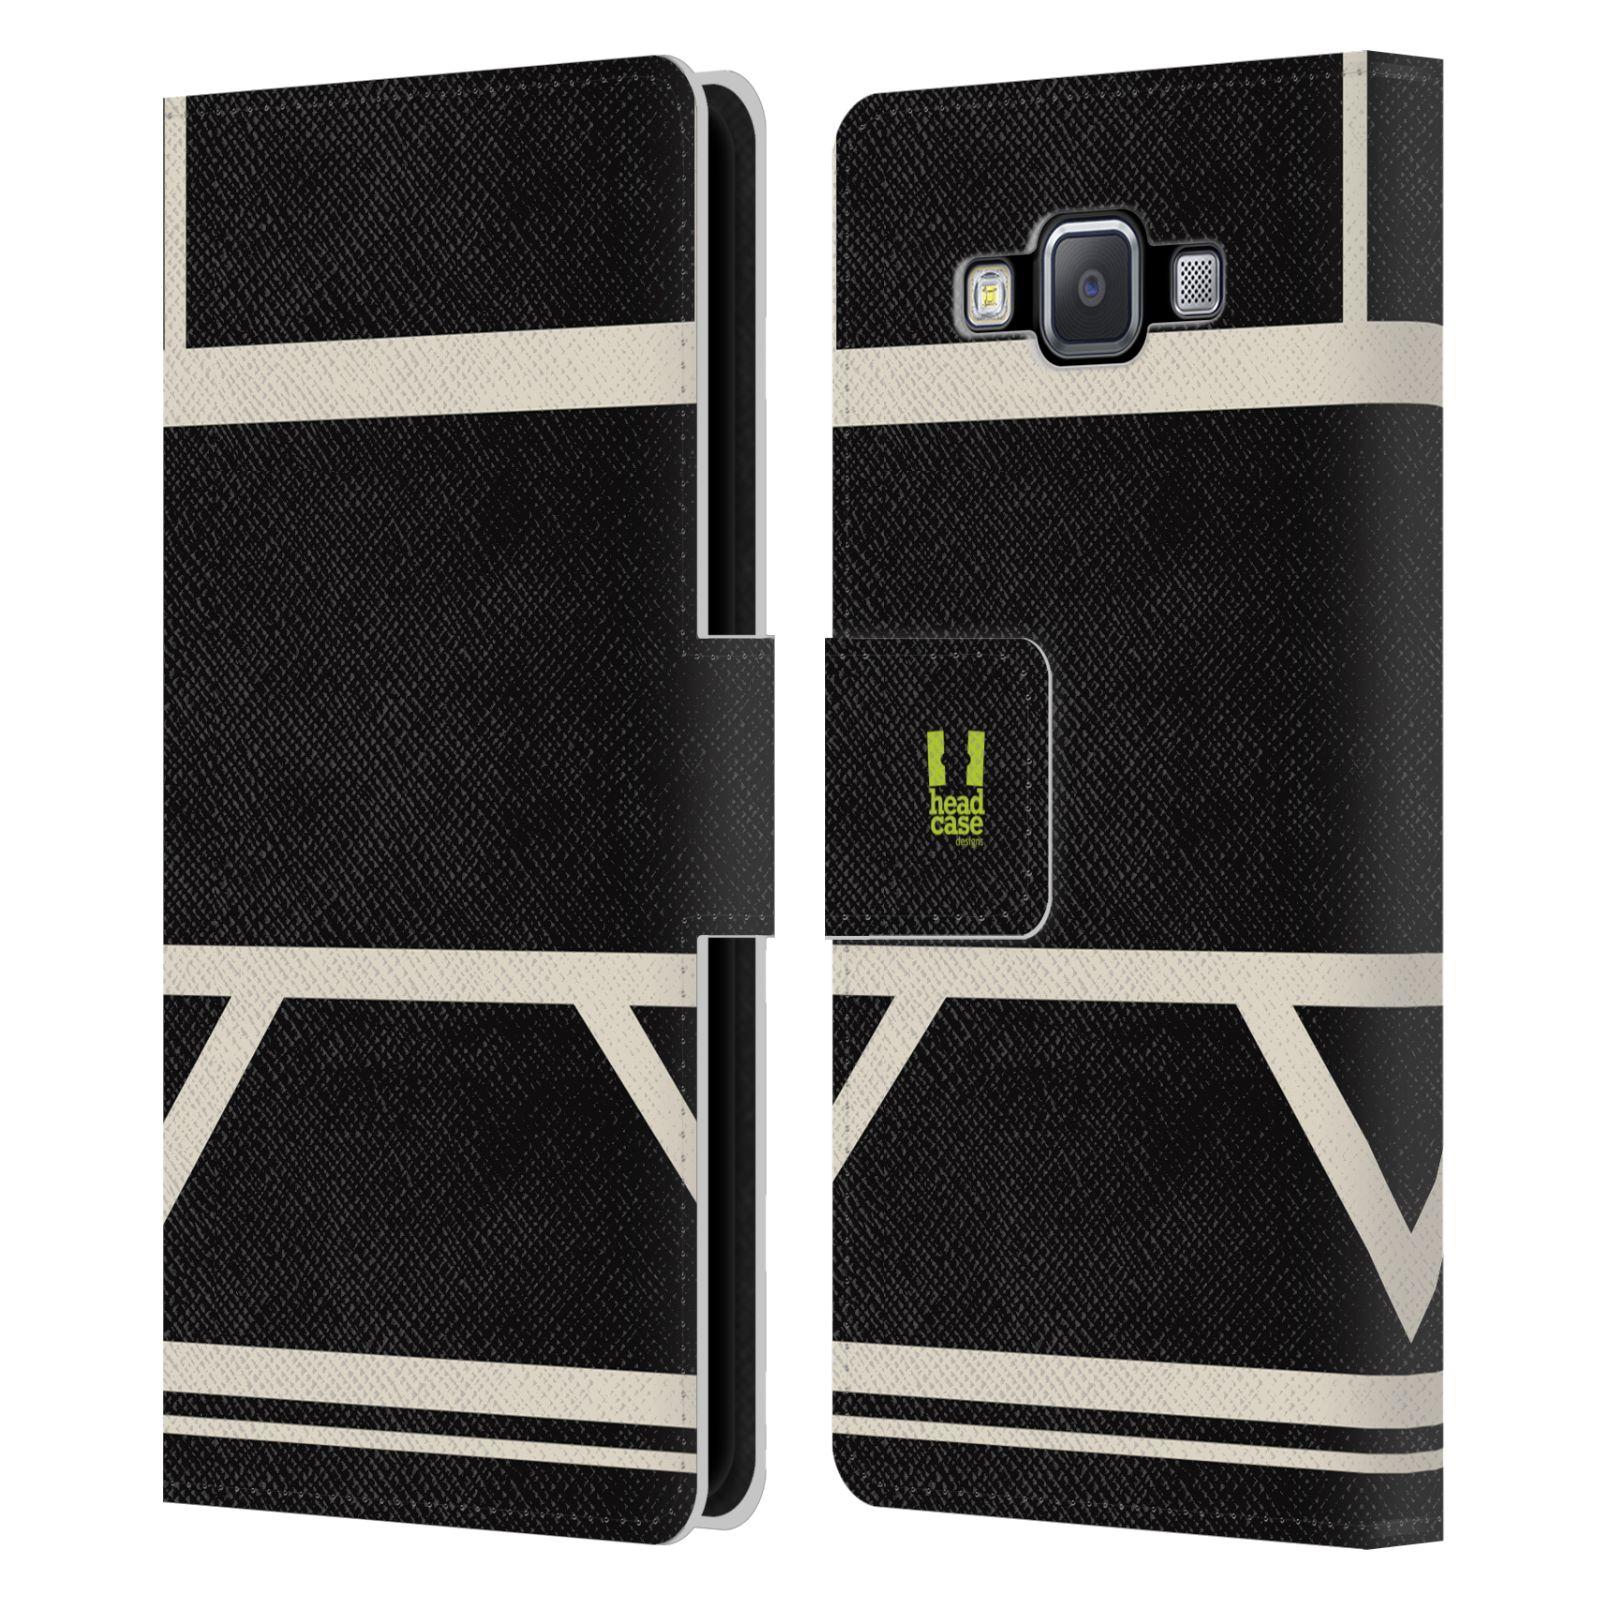 HEAD CASE Flipové pouzdro pro mobil Samsung Galaxy A5 barevné tvary černá a bílá proužek